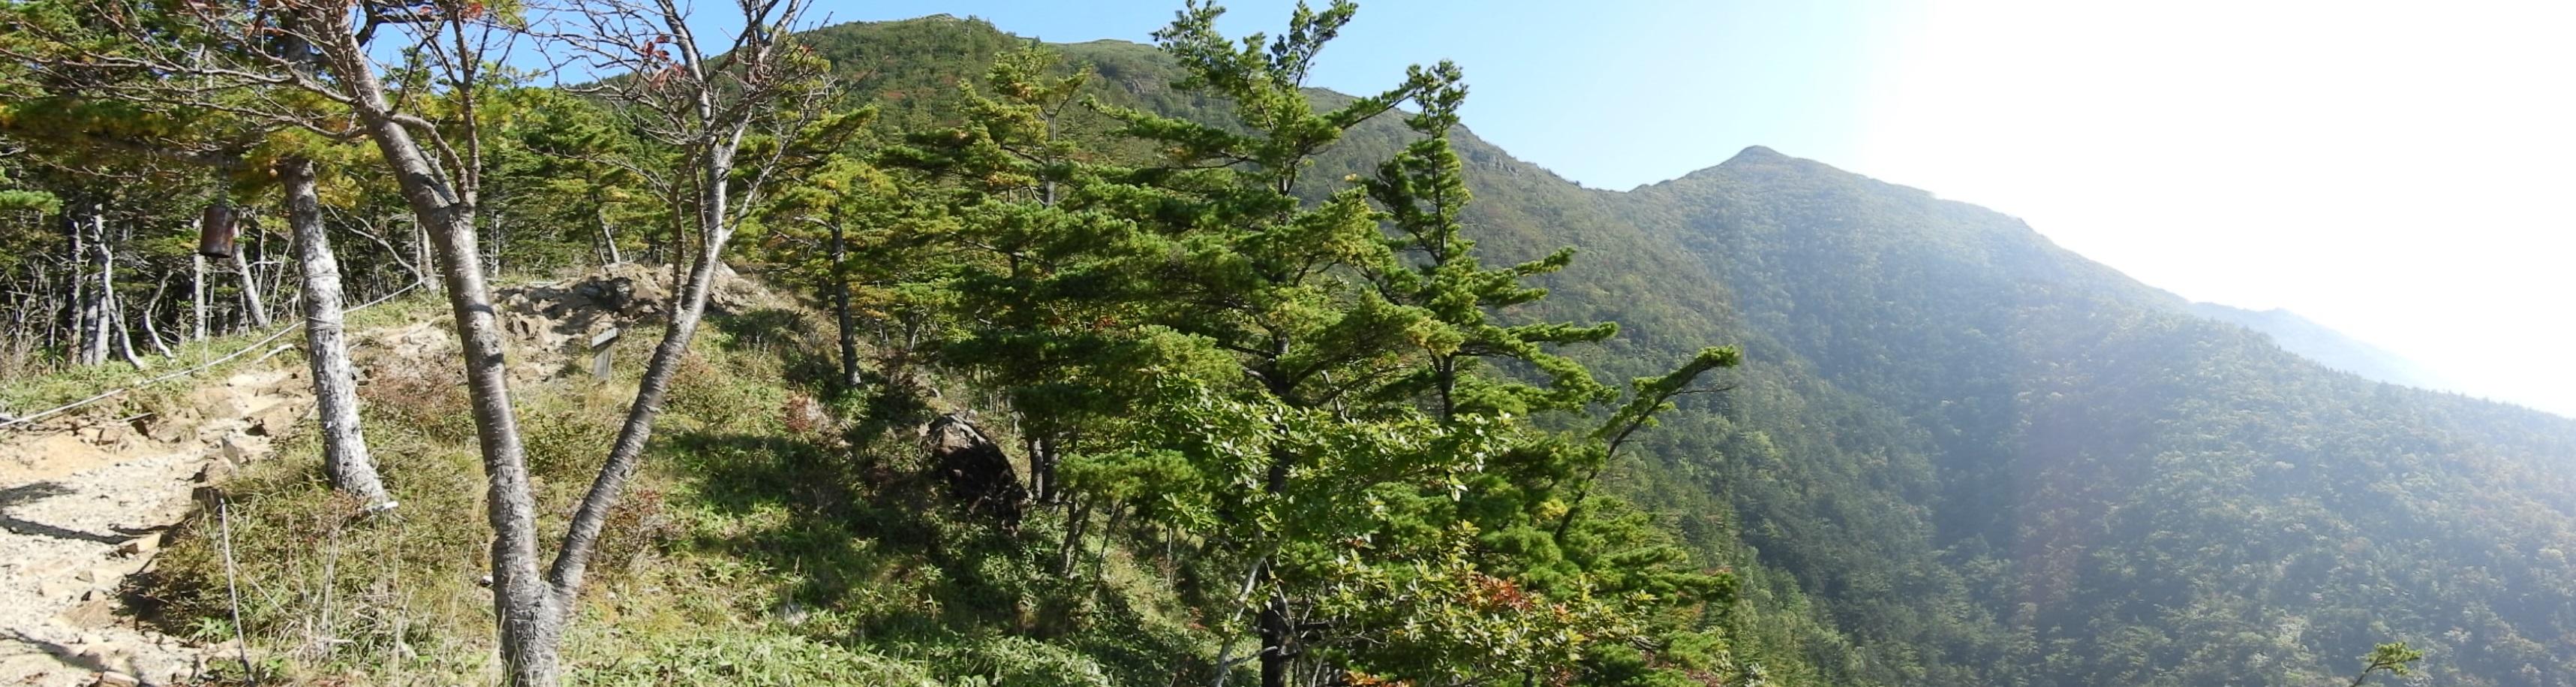 アポイ岳5合目からの景観